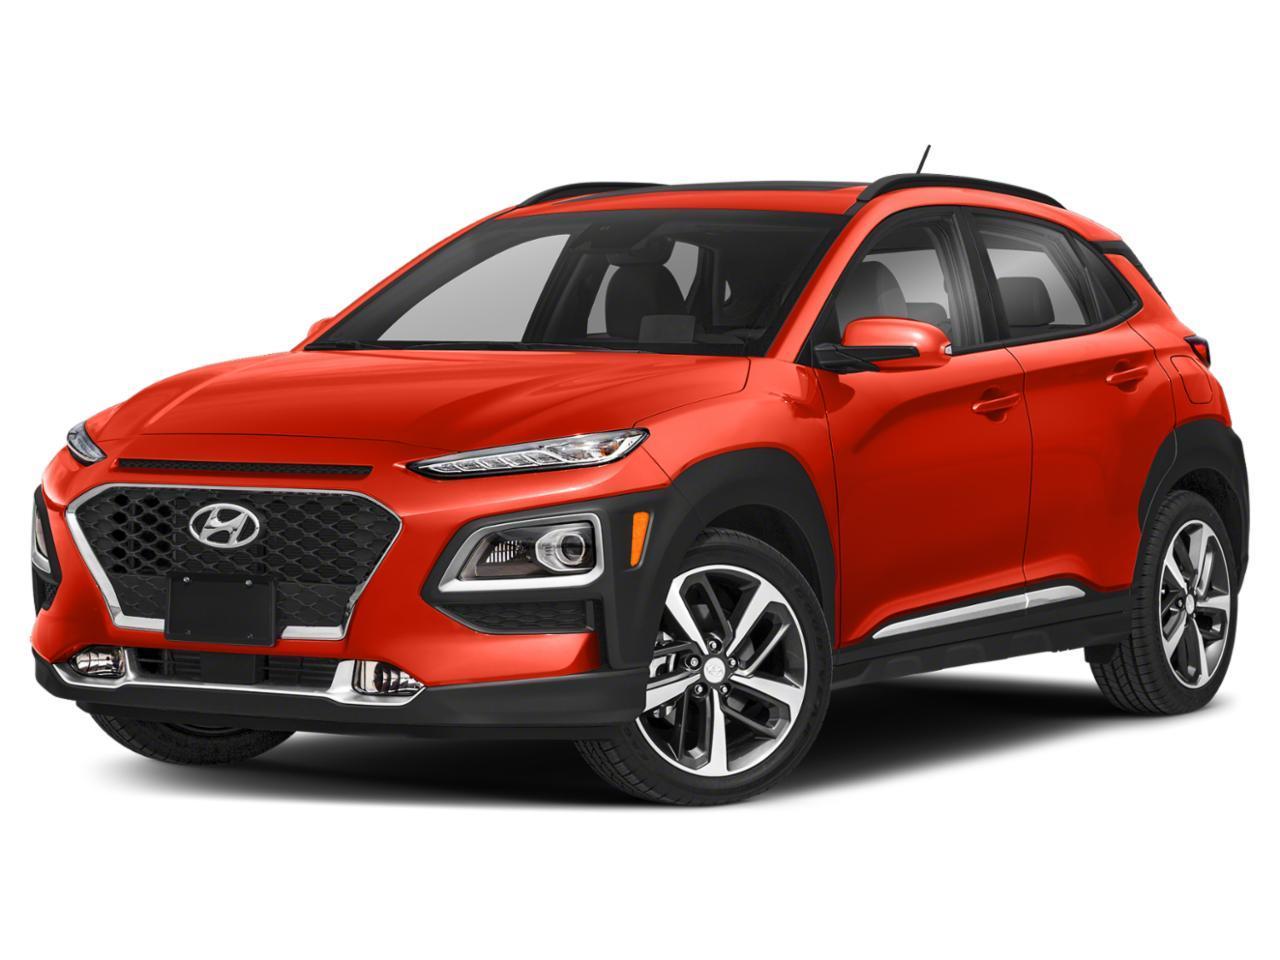 2019 Hyundai Kona Vehicle Photo in Prescott, AZ 86305